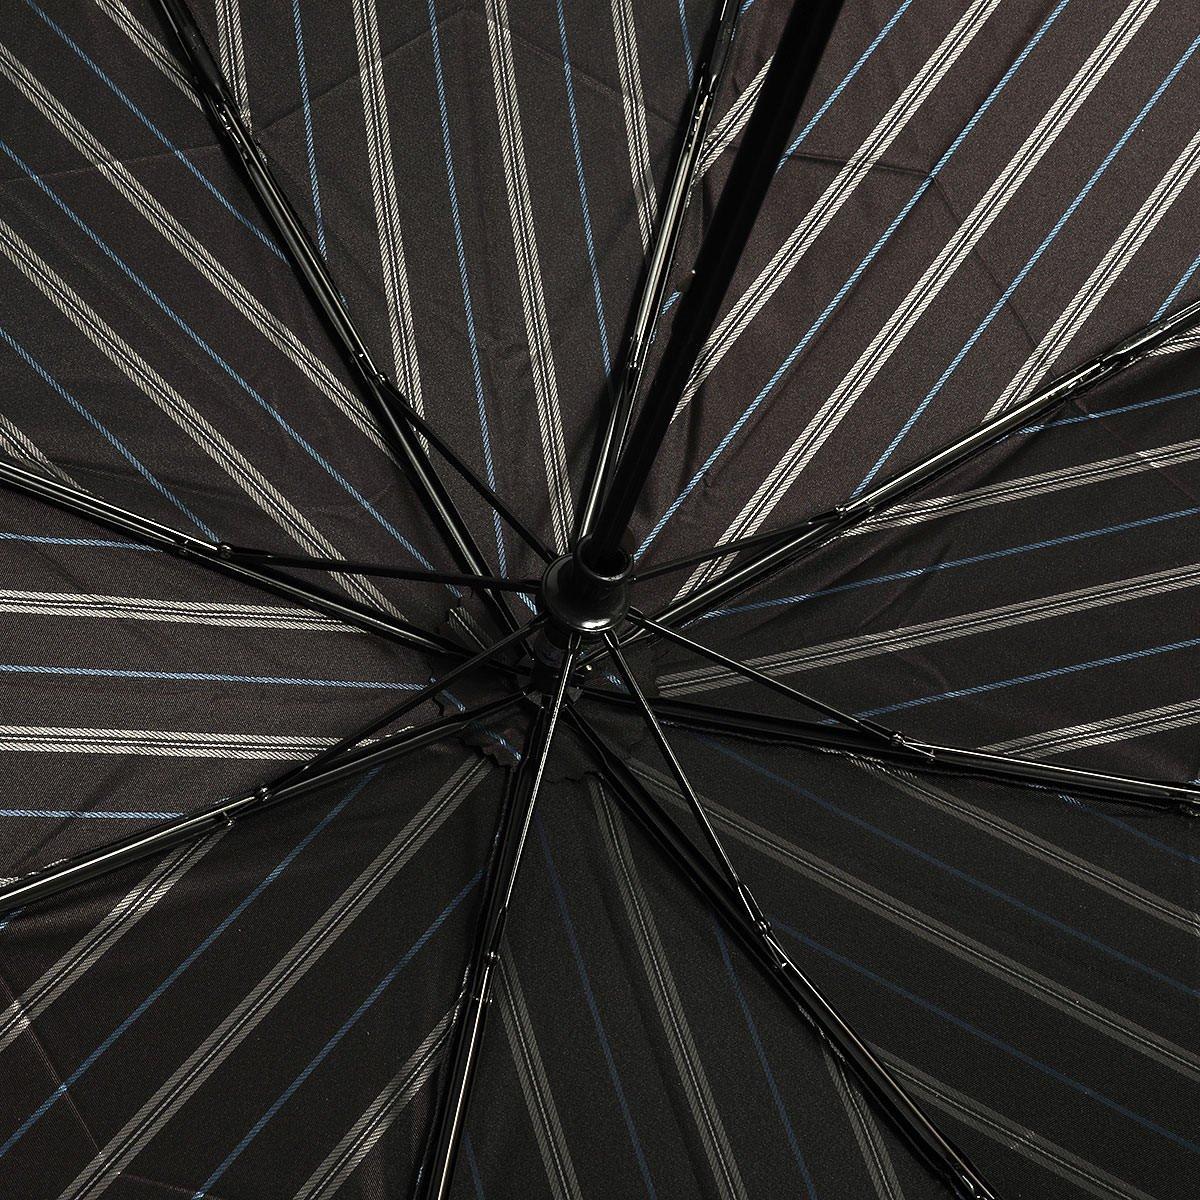 ダブルフェイス オルタネートストライプ 耐風骨 折りたたみ傘 詳細画像9